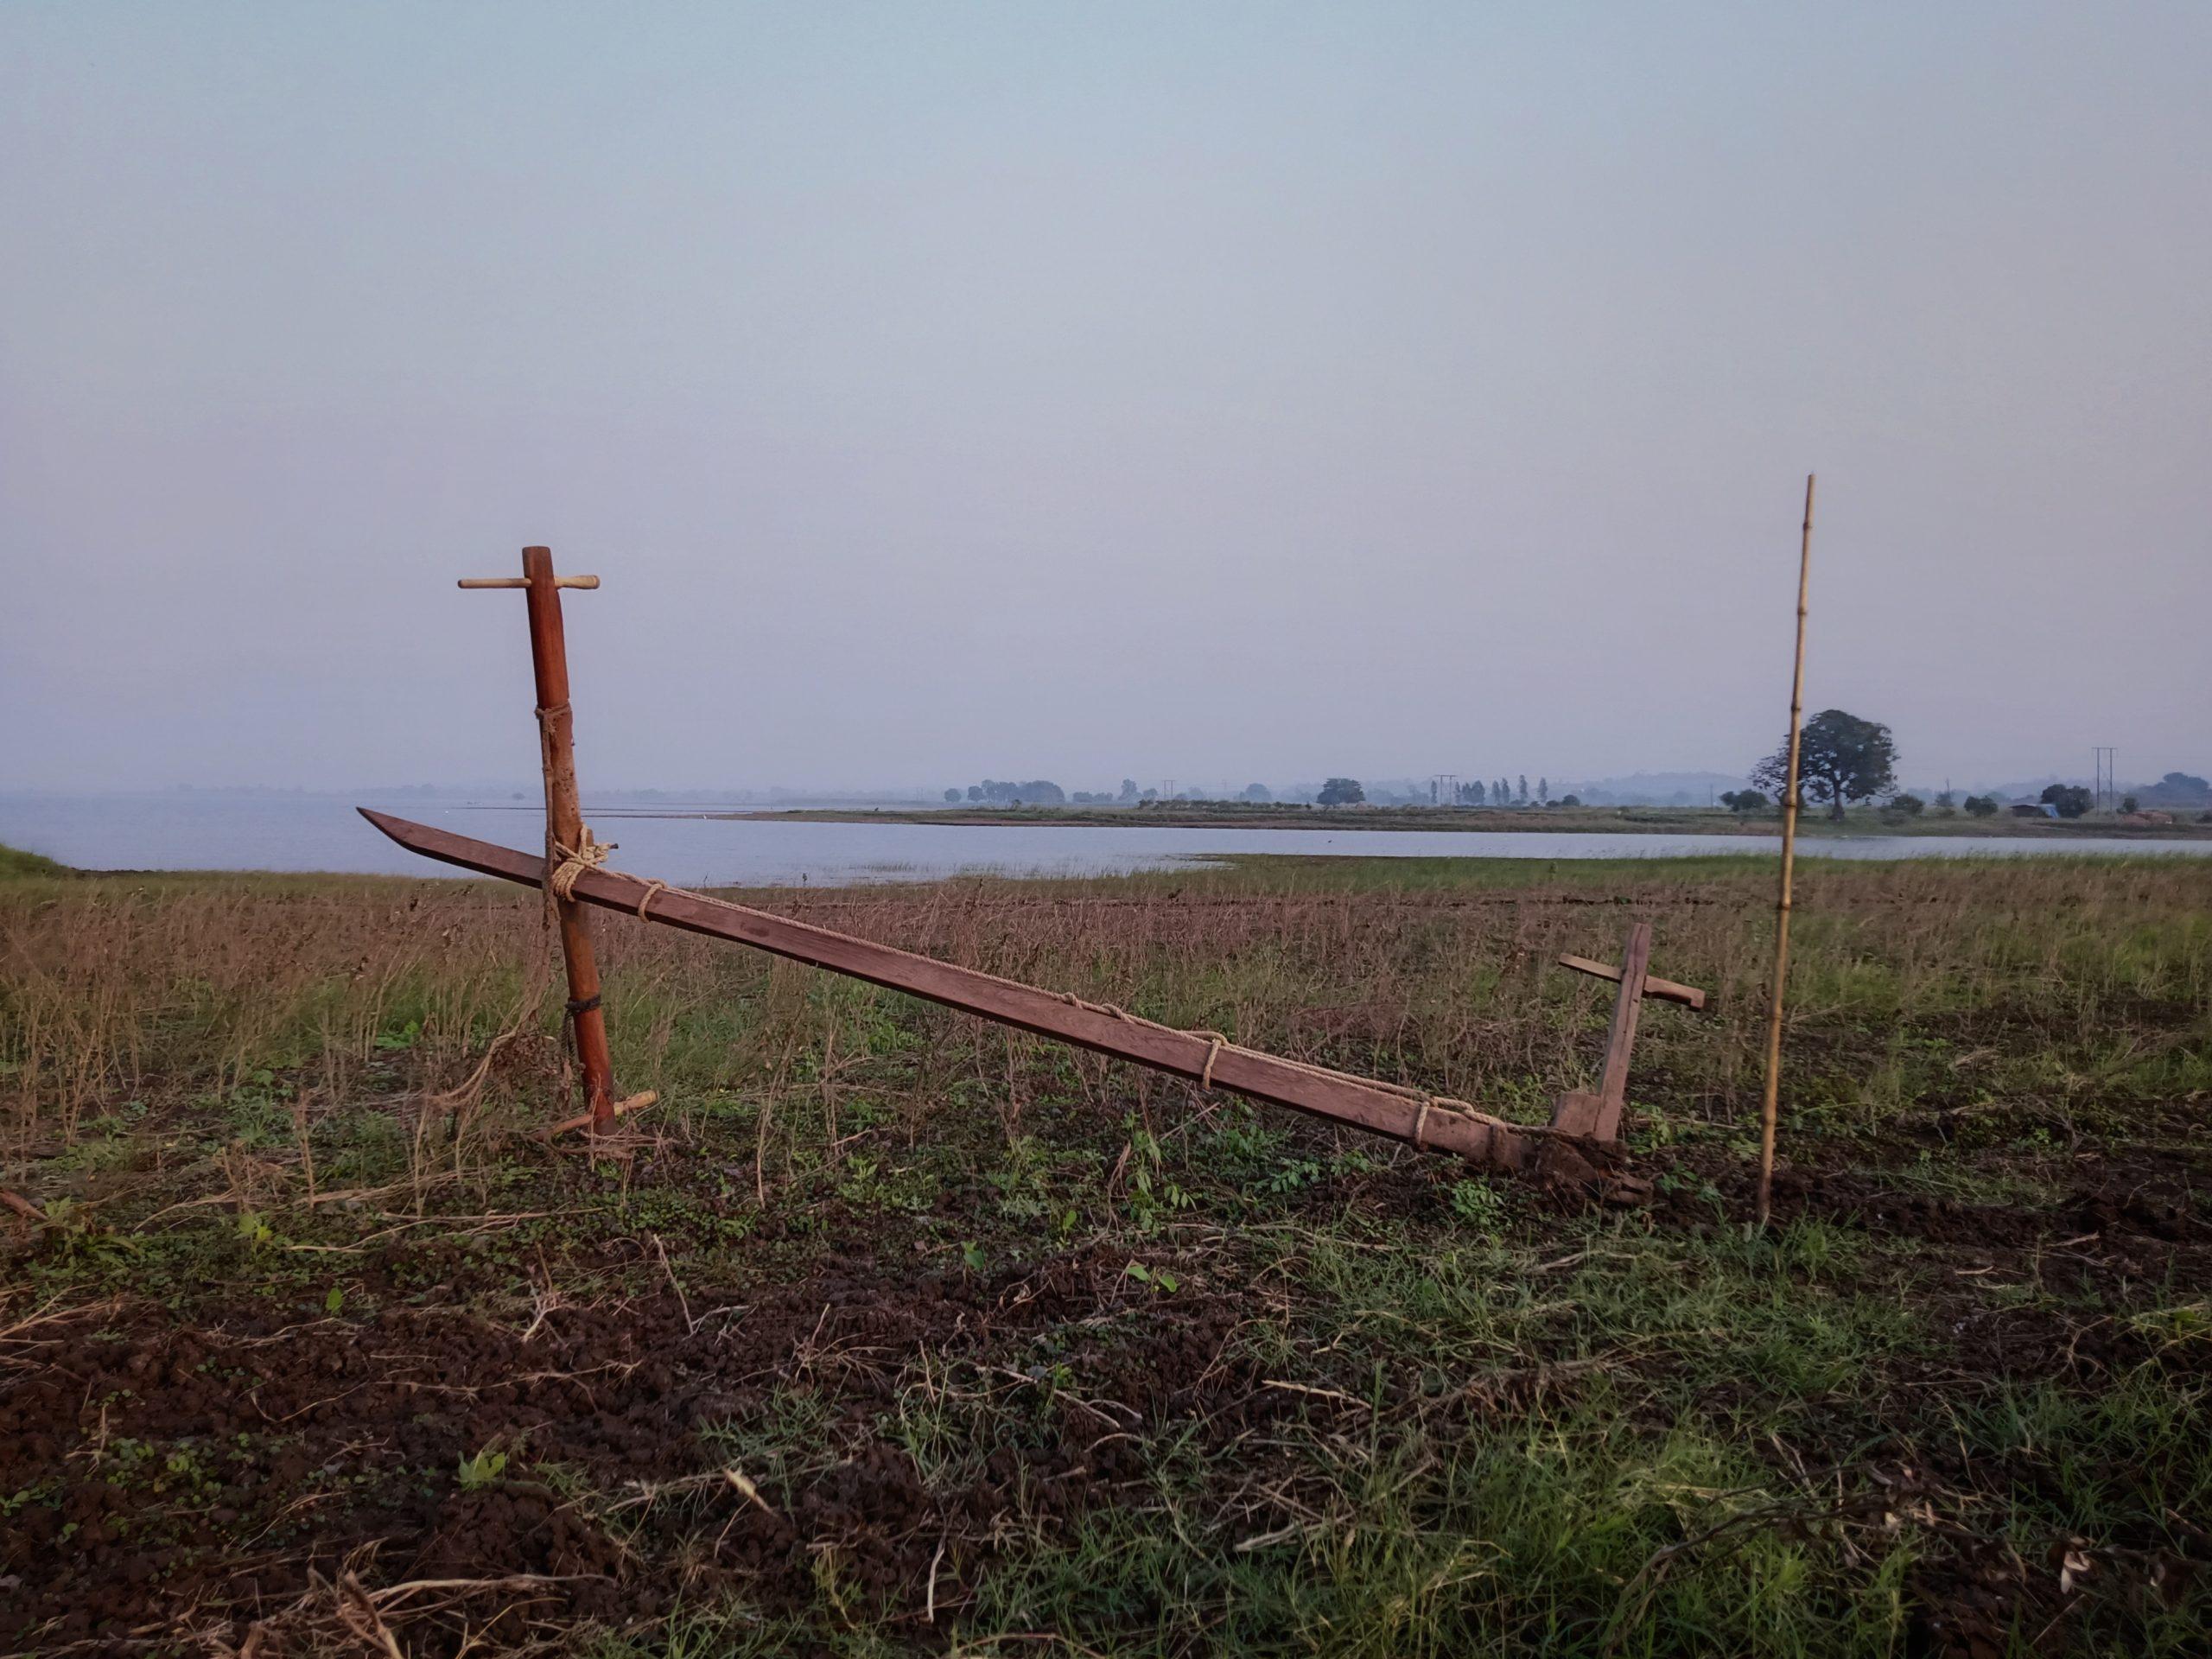 Farming equipment in the farm